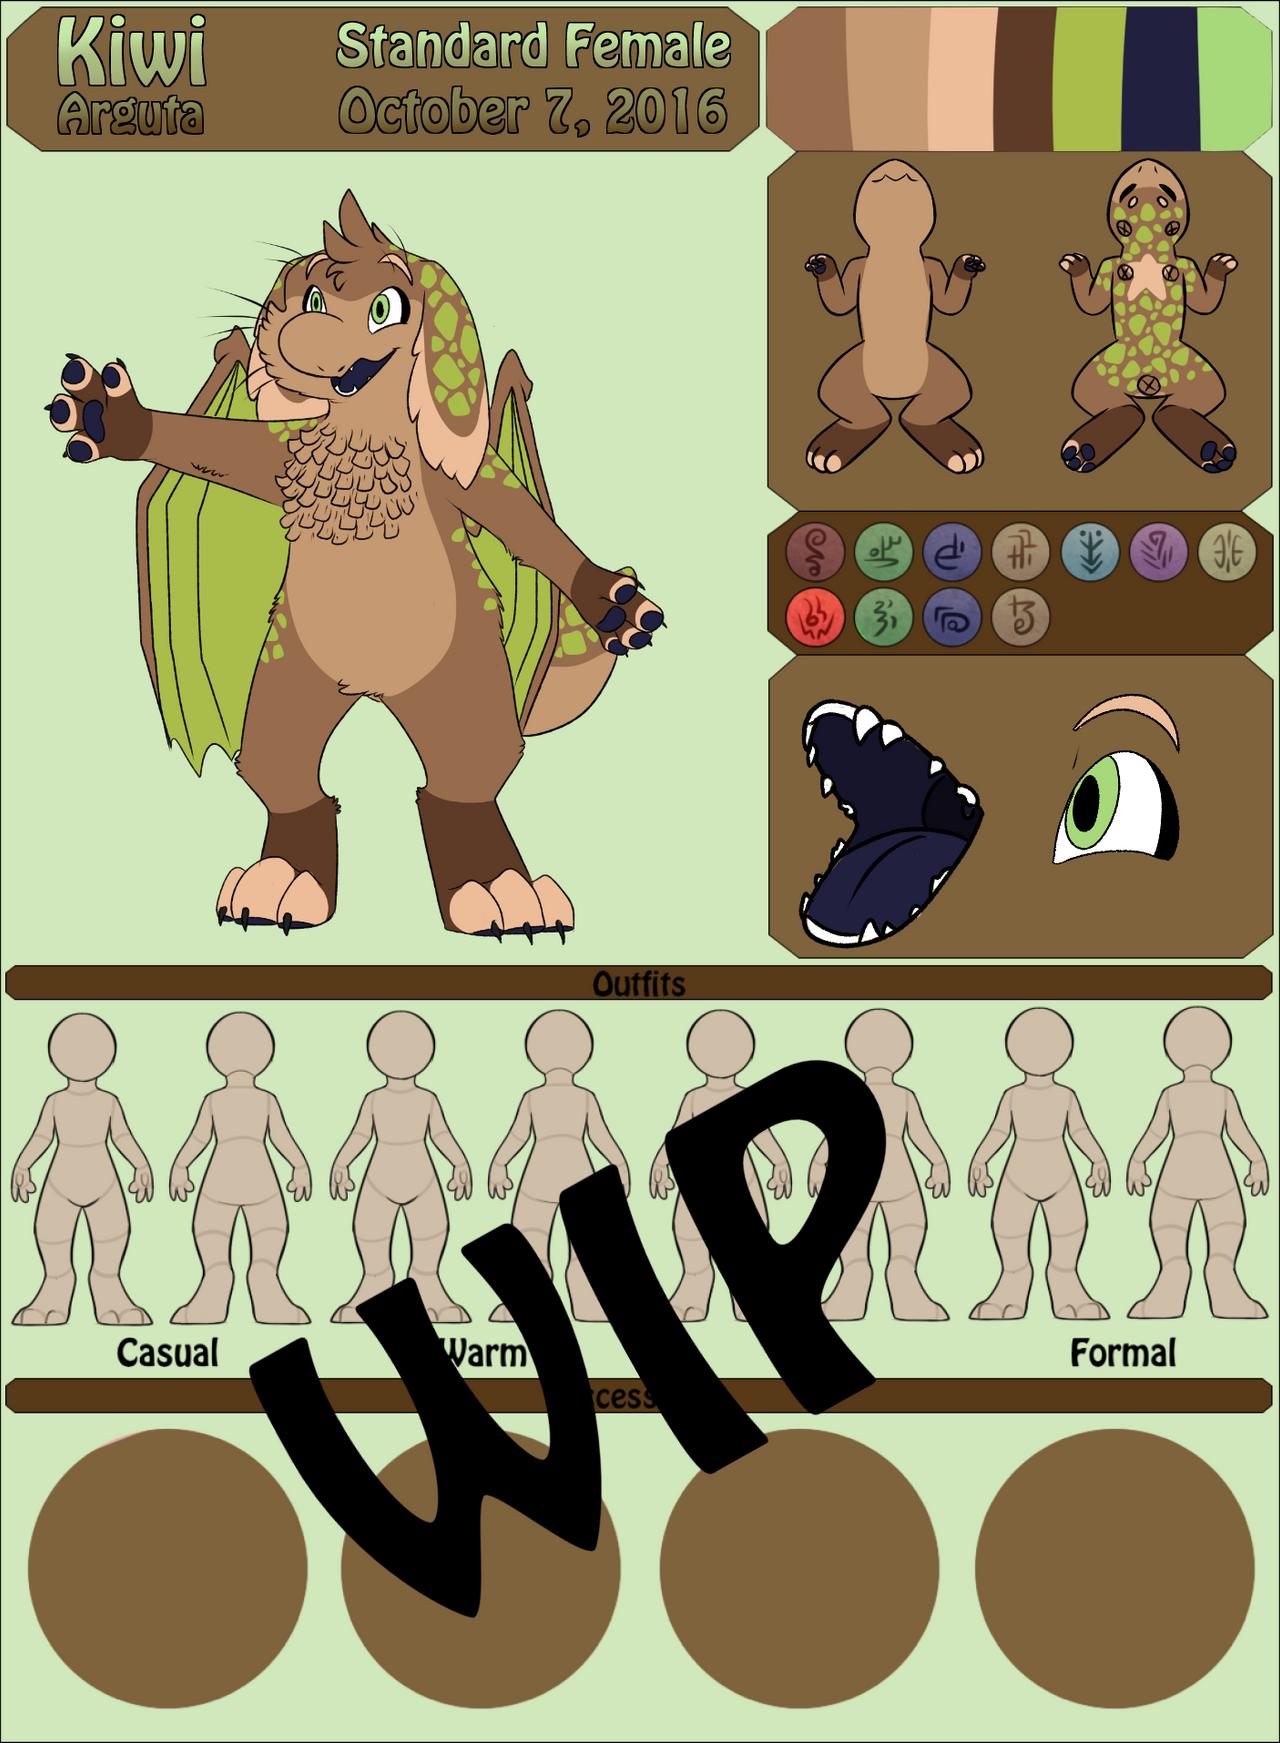 [Wyngro] Kiwi Ref